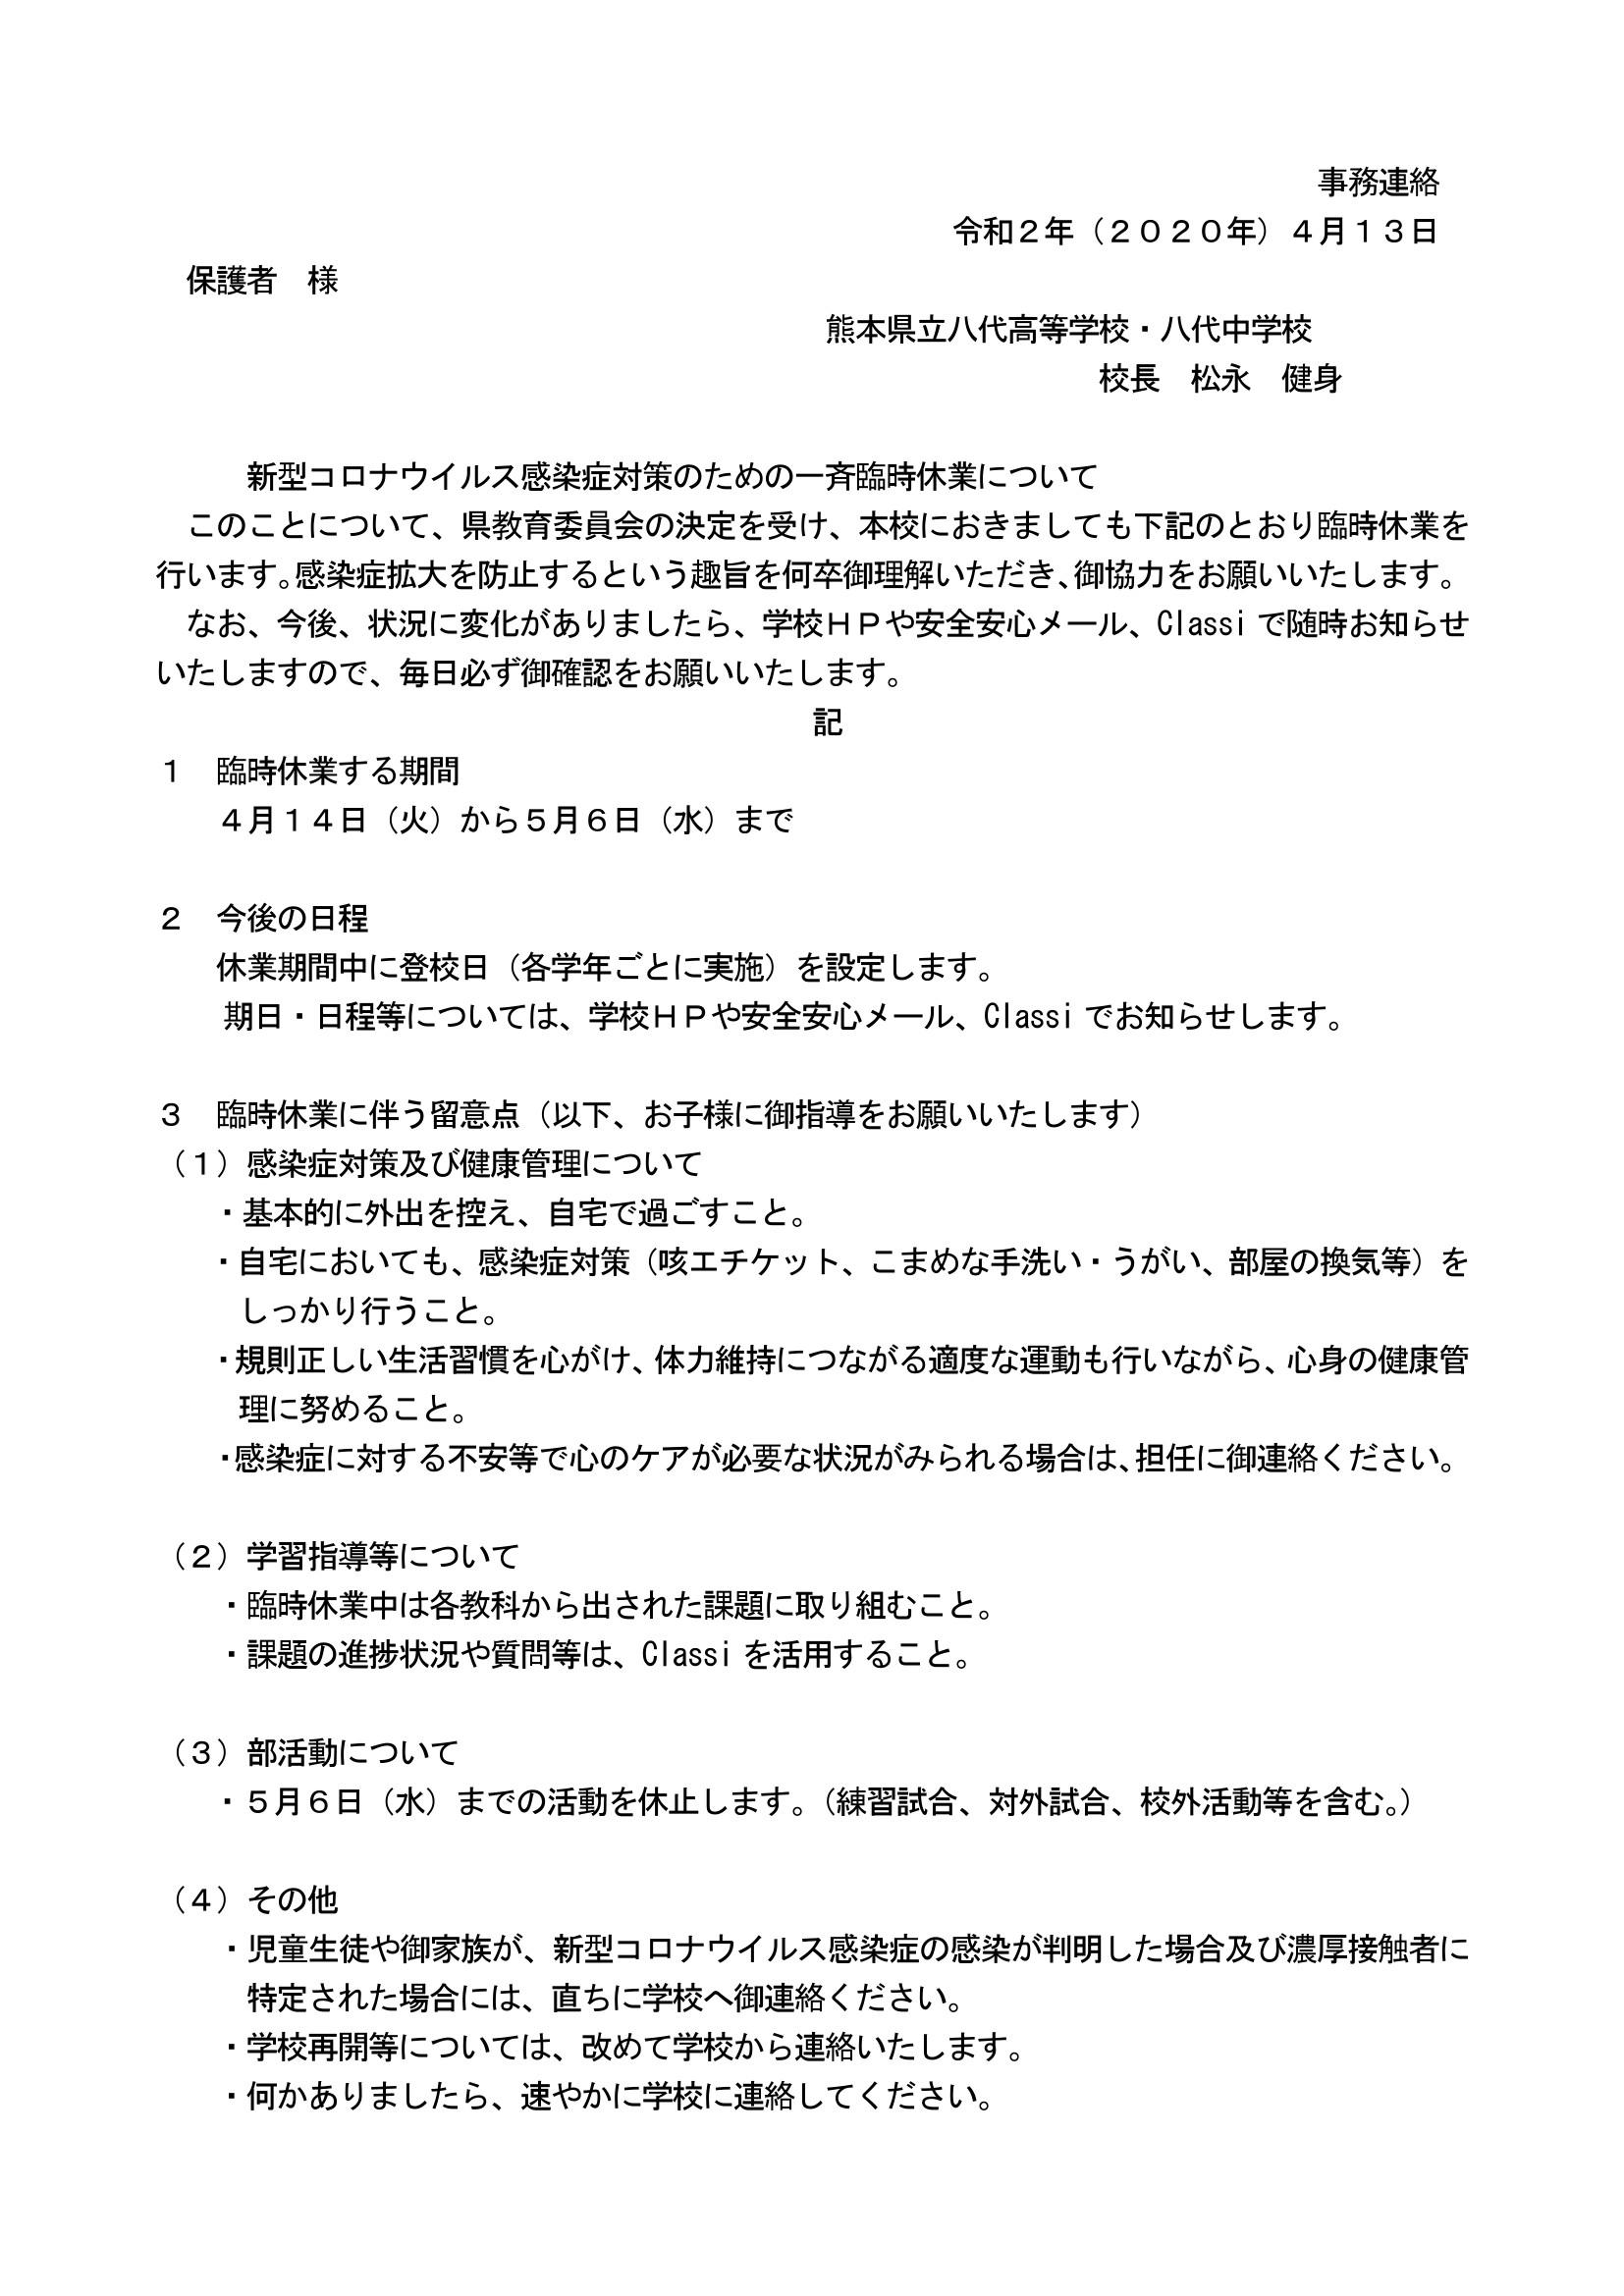 コロナ 熊本 高校